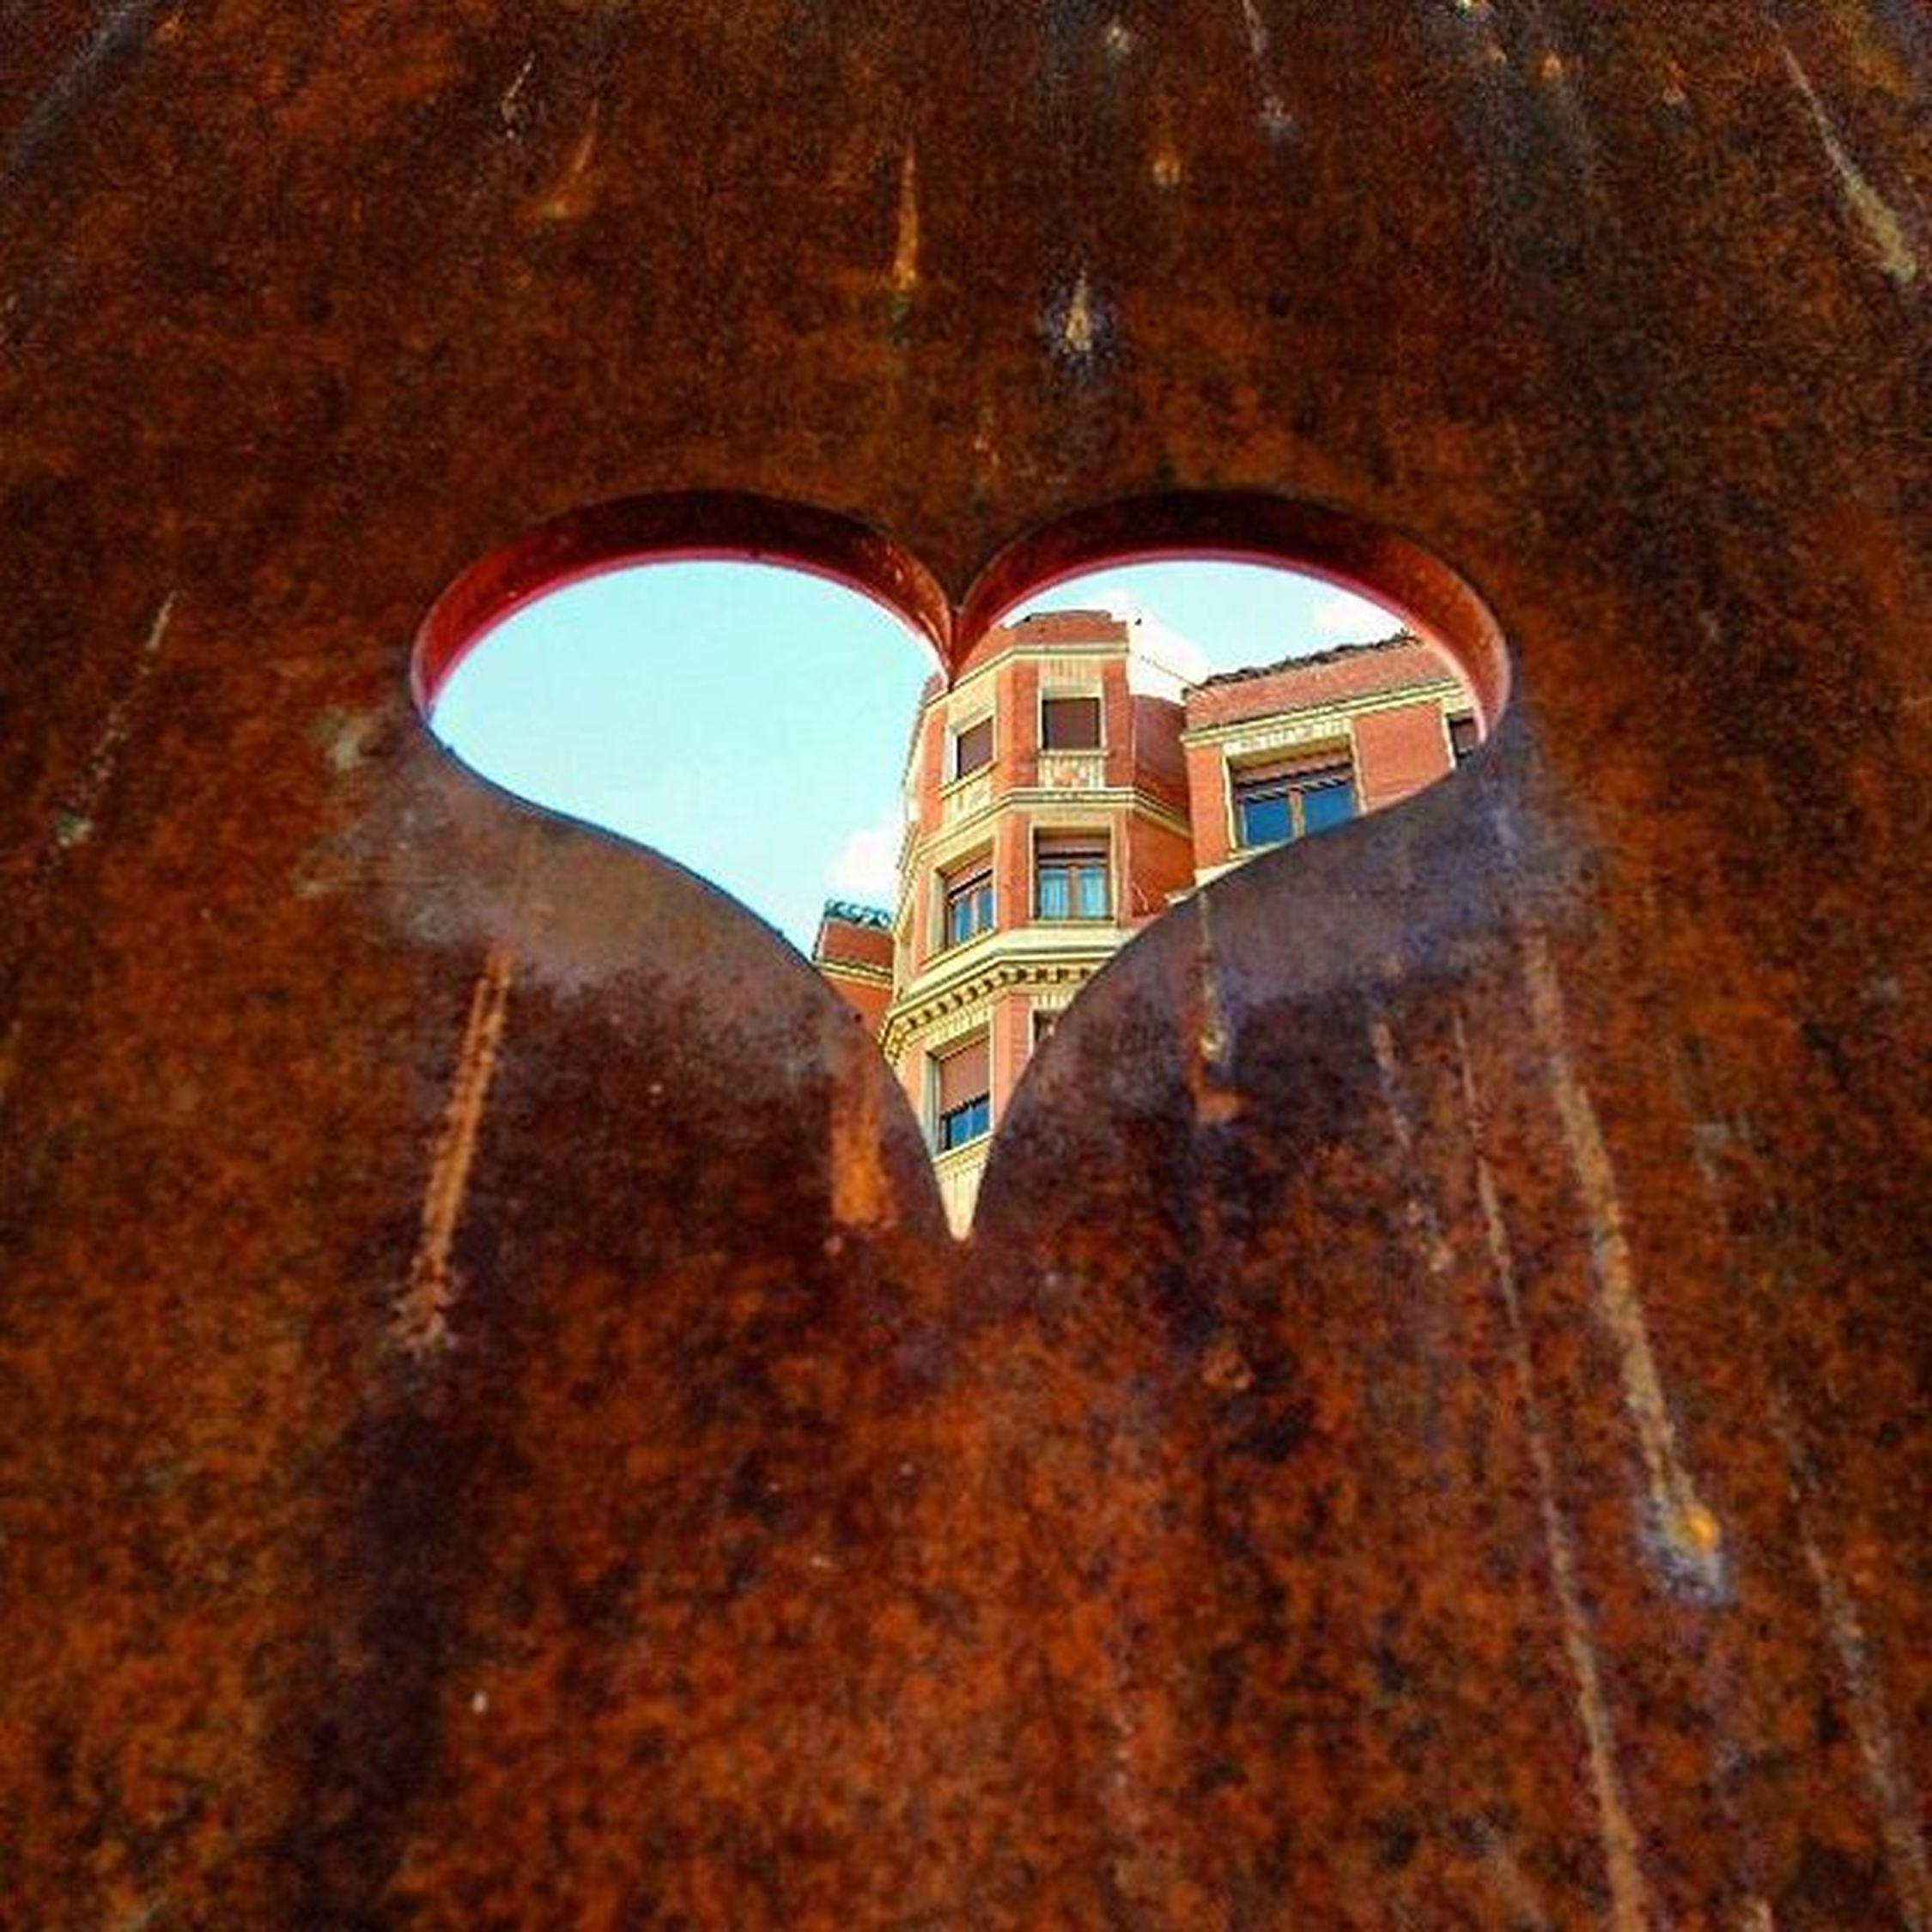 Corazones, viejos terrenos por edificar. 💗🏢 Laalhondiga Bilbao Instagram Instadailyphoto Instamood Oxidado